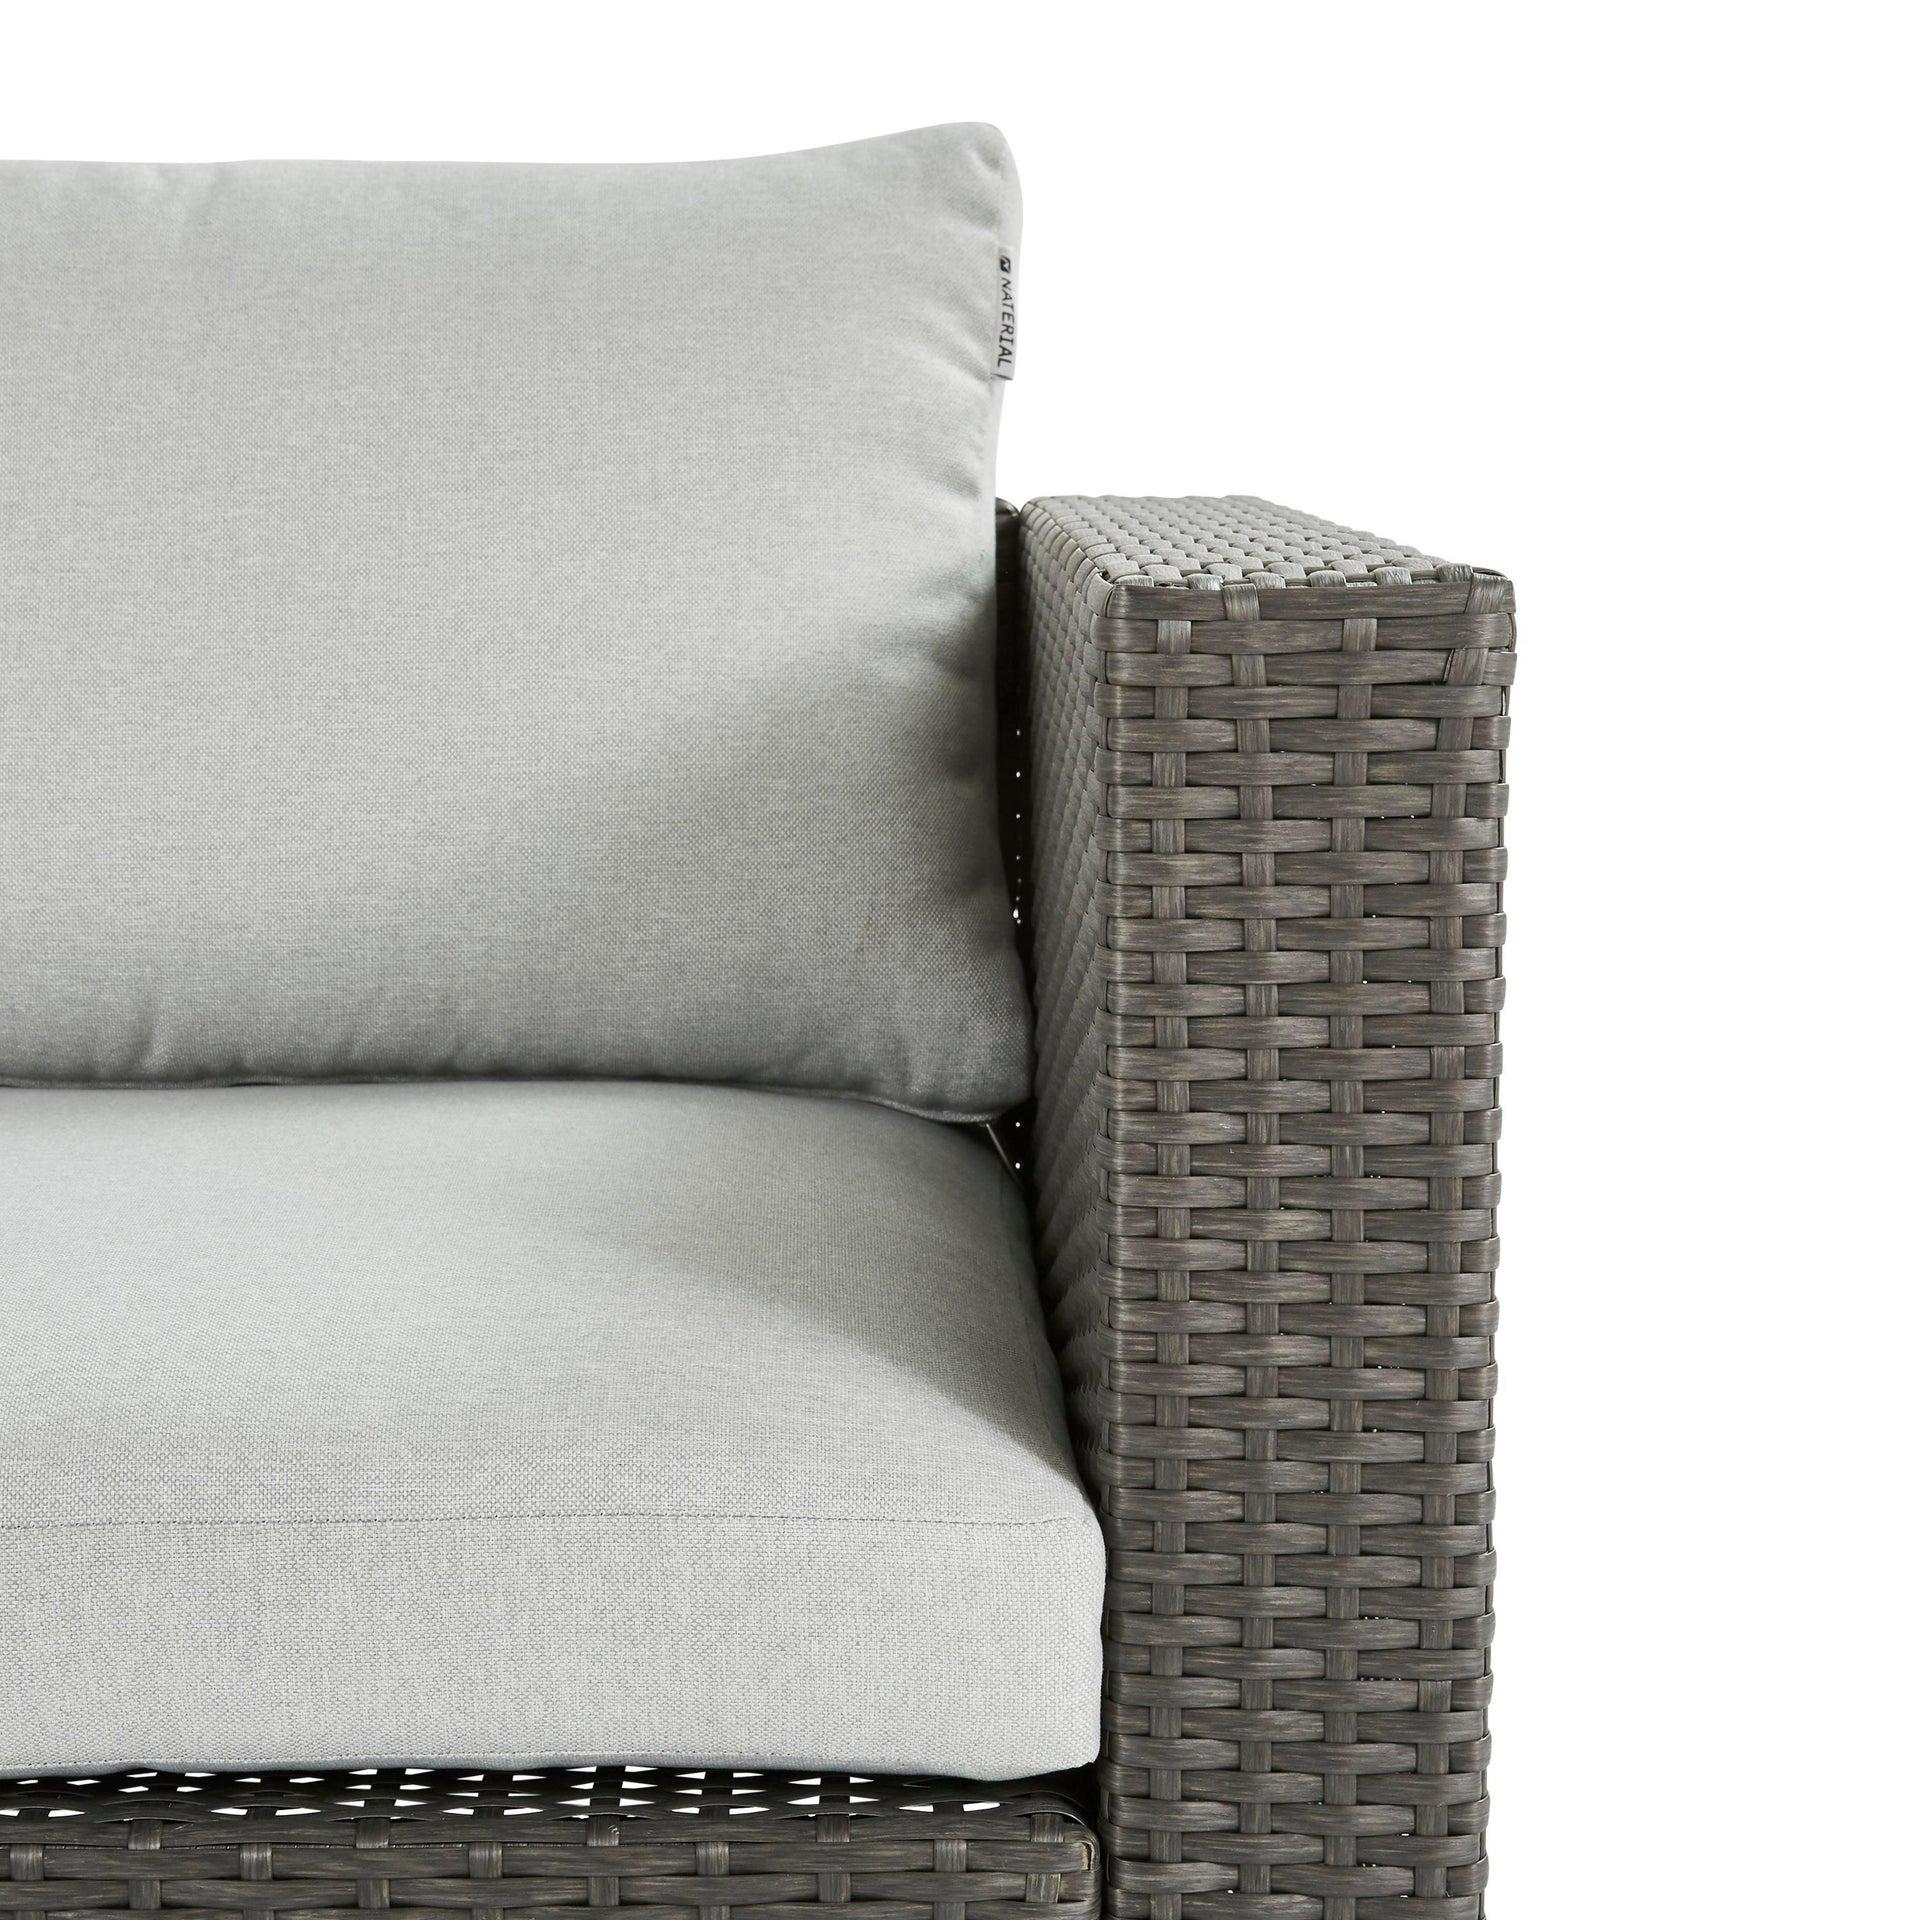 Divano da giardino con cuscino 2 posti in acciaio Noa NATERIAL colore antracite - 6